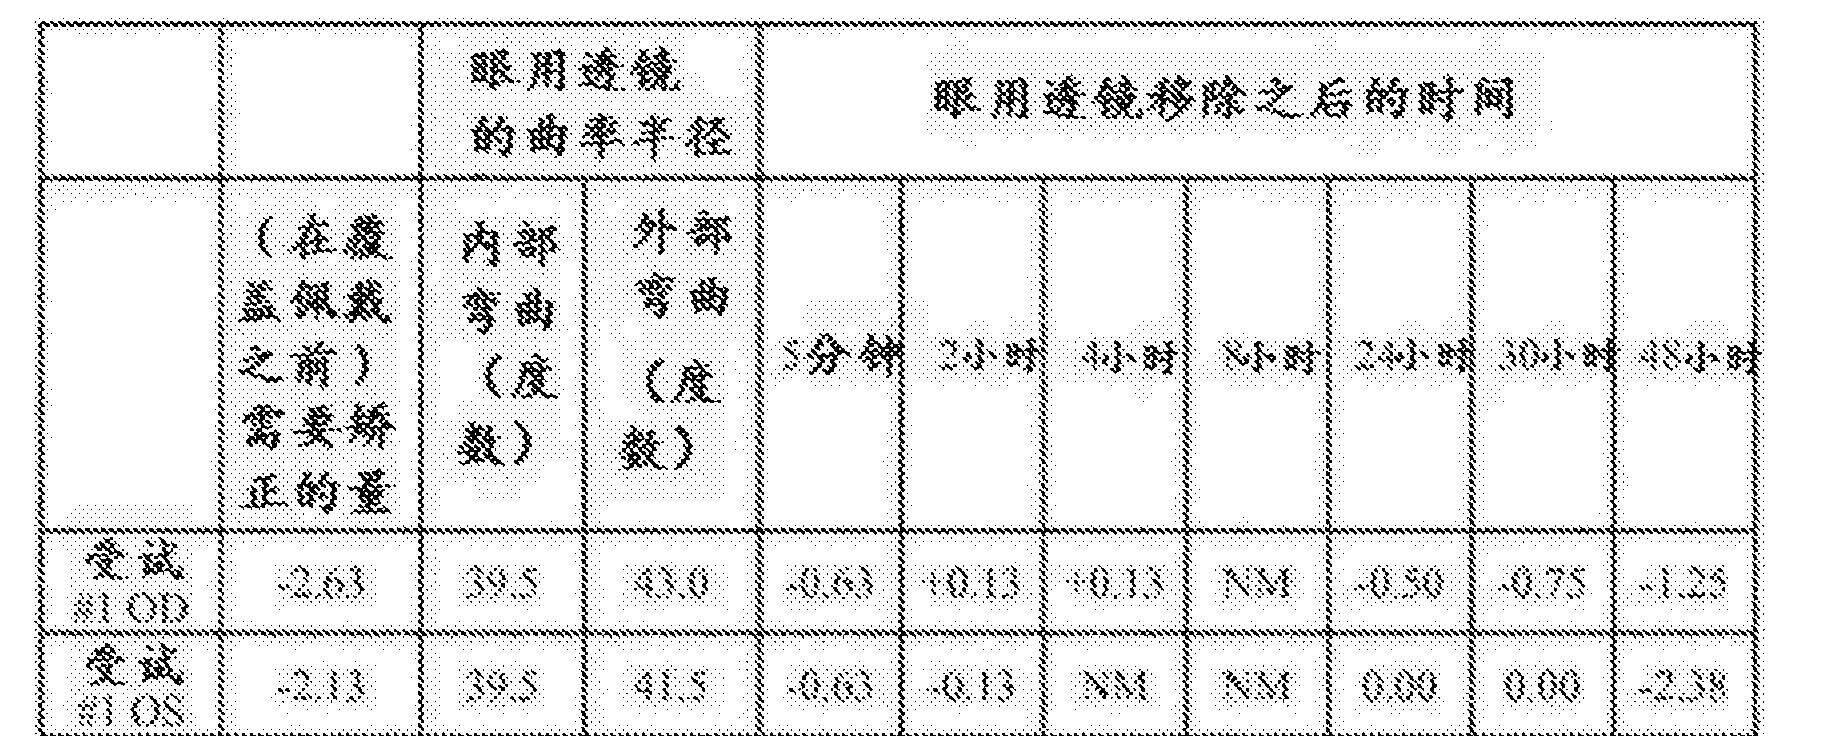 Figure CN104335104BD00461